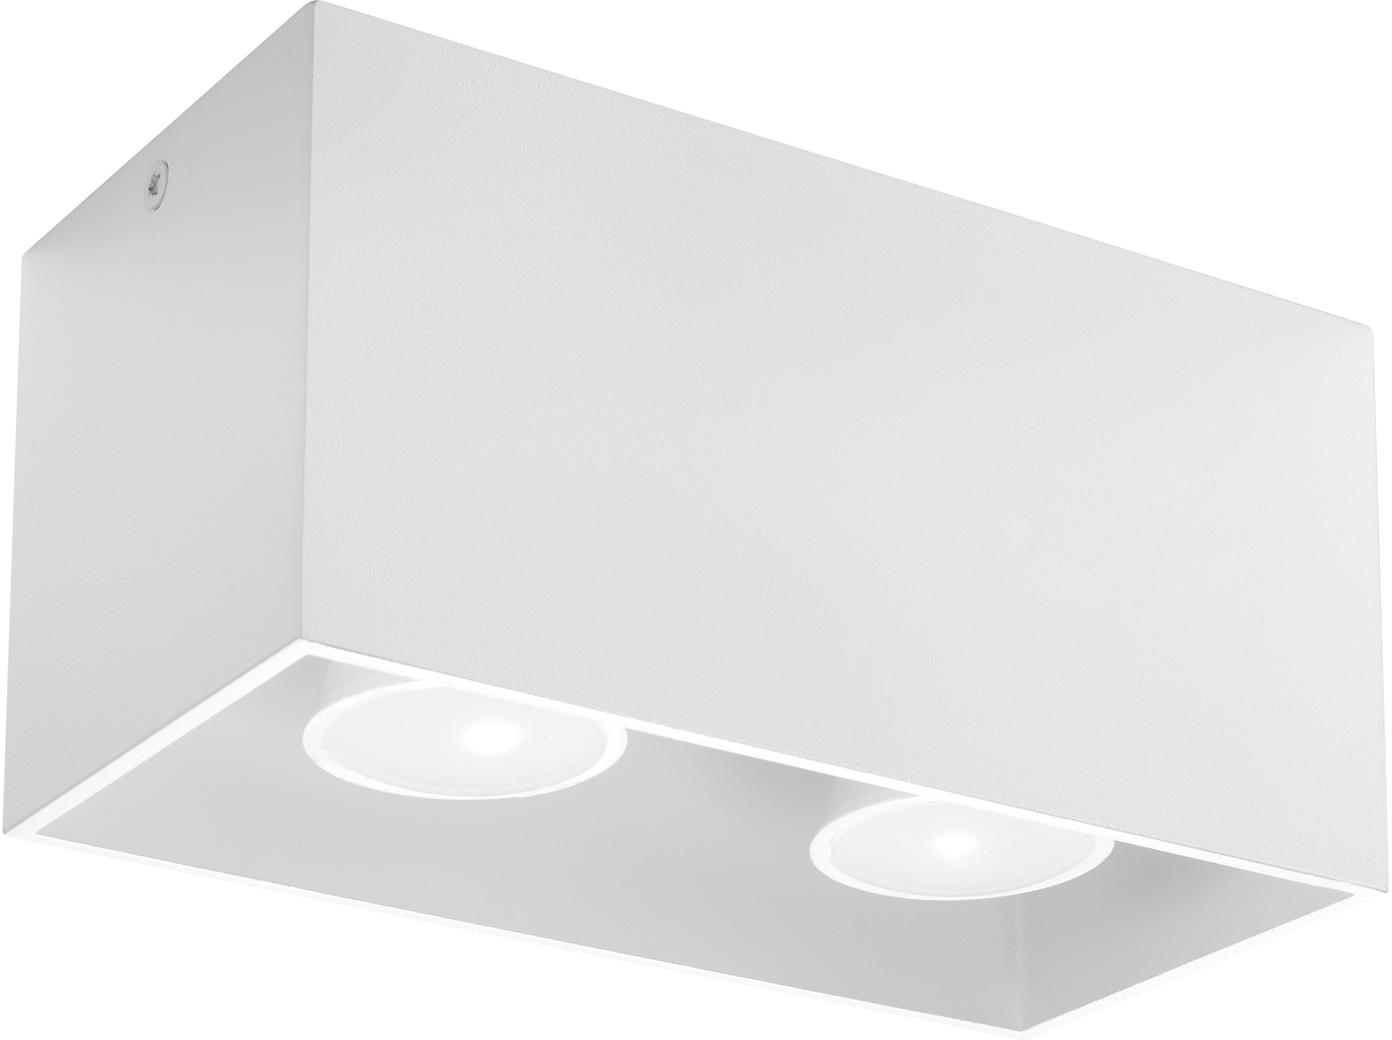 Deckenstrahler Geo, Aluminium, Weiß, 20 x 10 cm